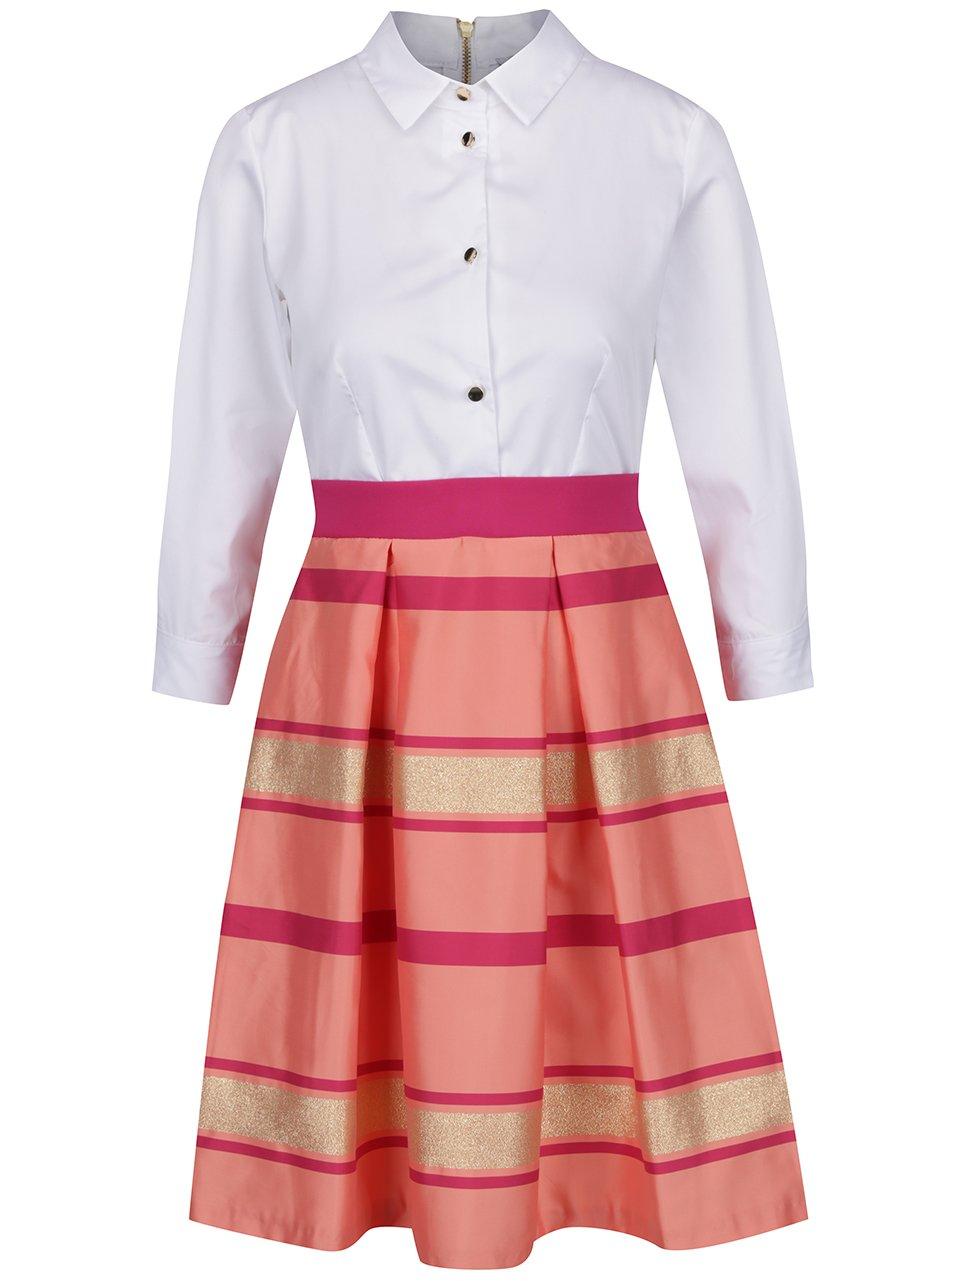 Ružovo-biele šaty s pruhovanou sukňou a košeľovým topom Closet